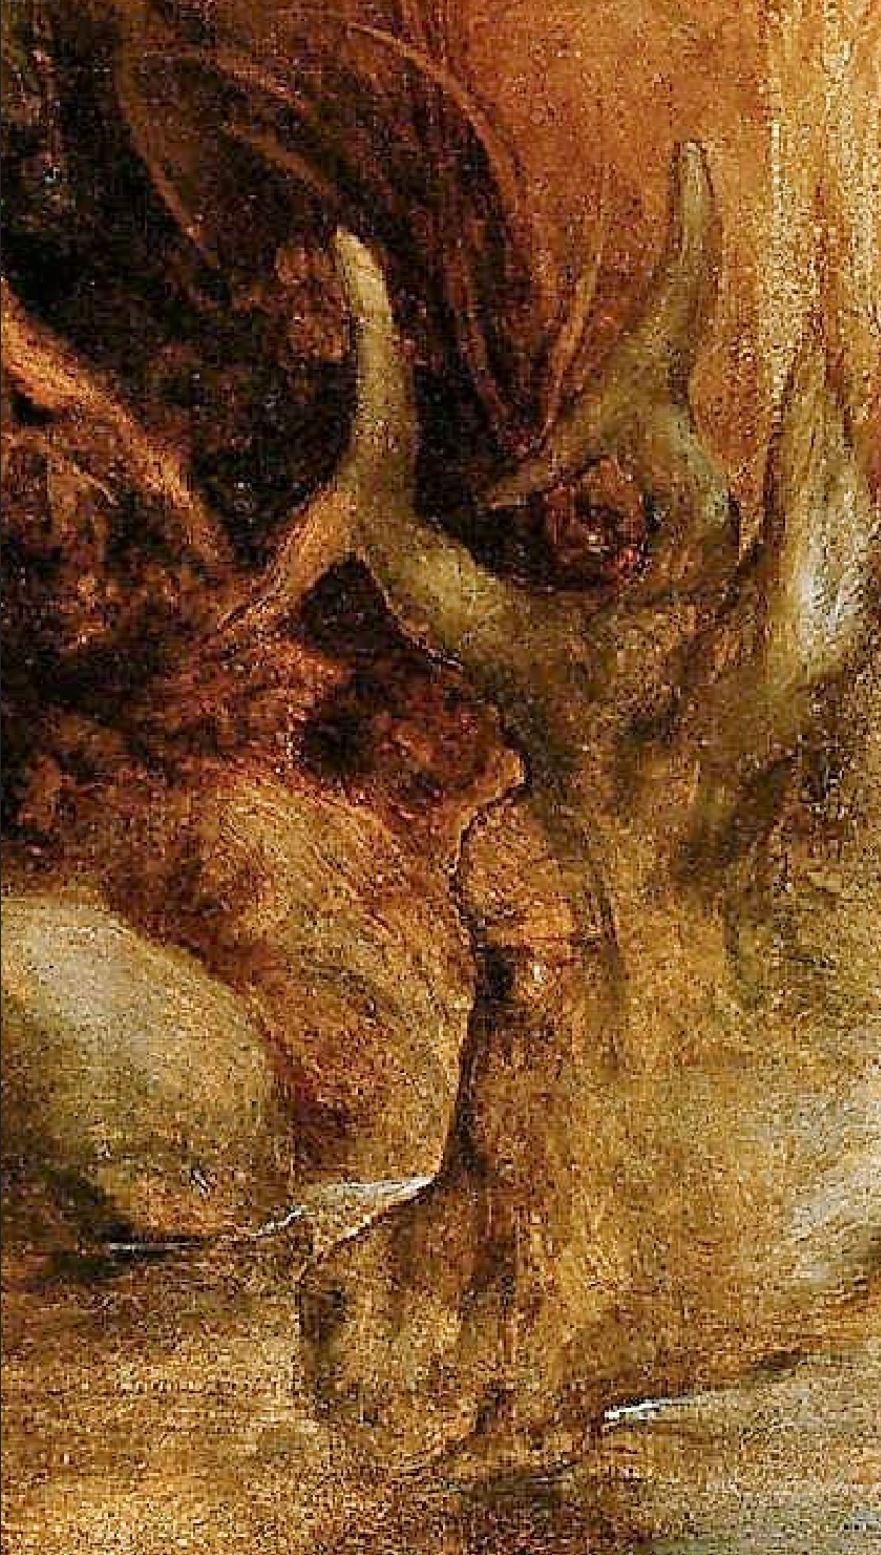 Correge 1530 ca Jupiter et Io Kunsthistorisches Museum Wien 184 x 92,5 detail cerf